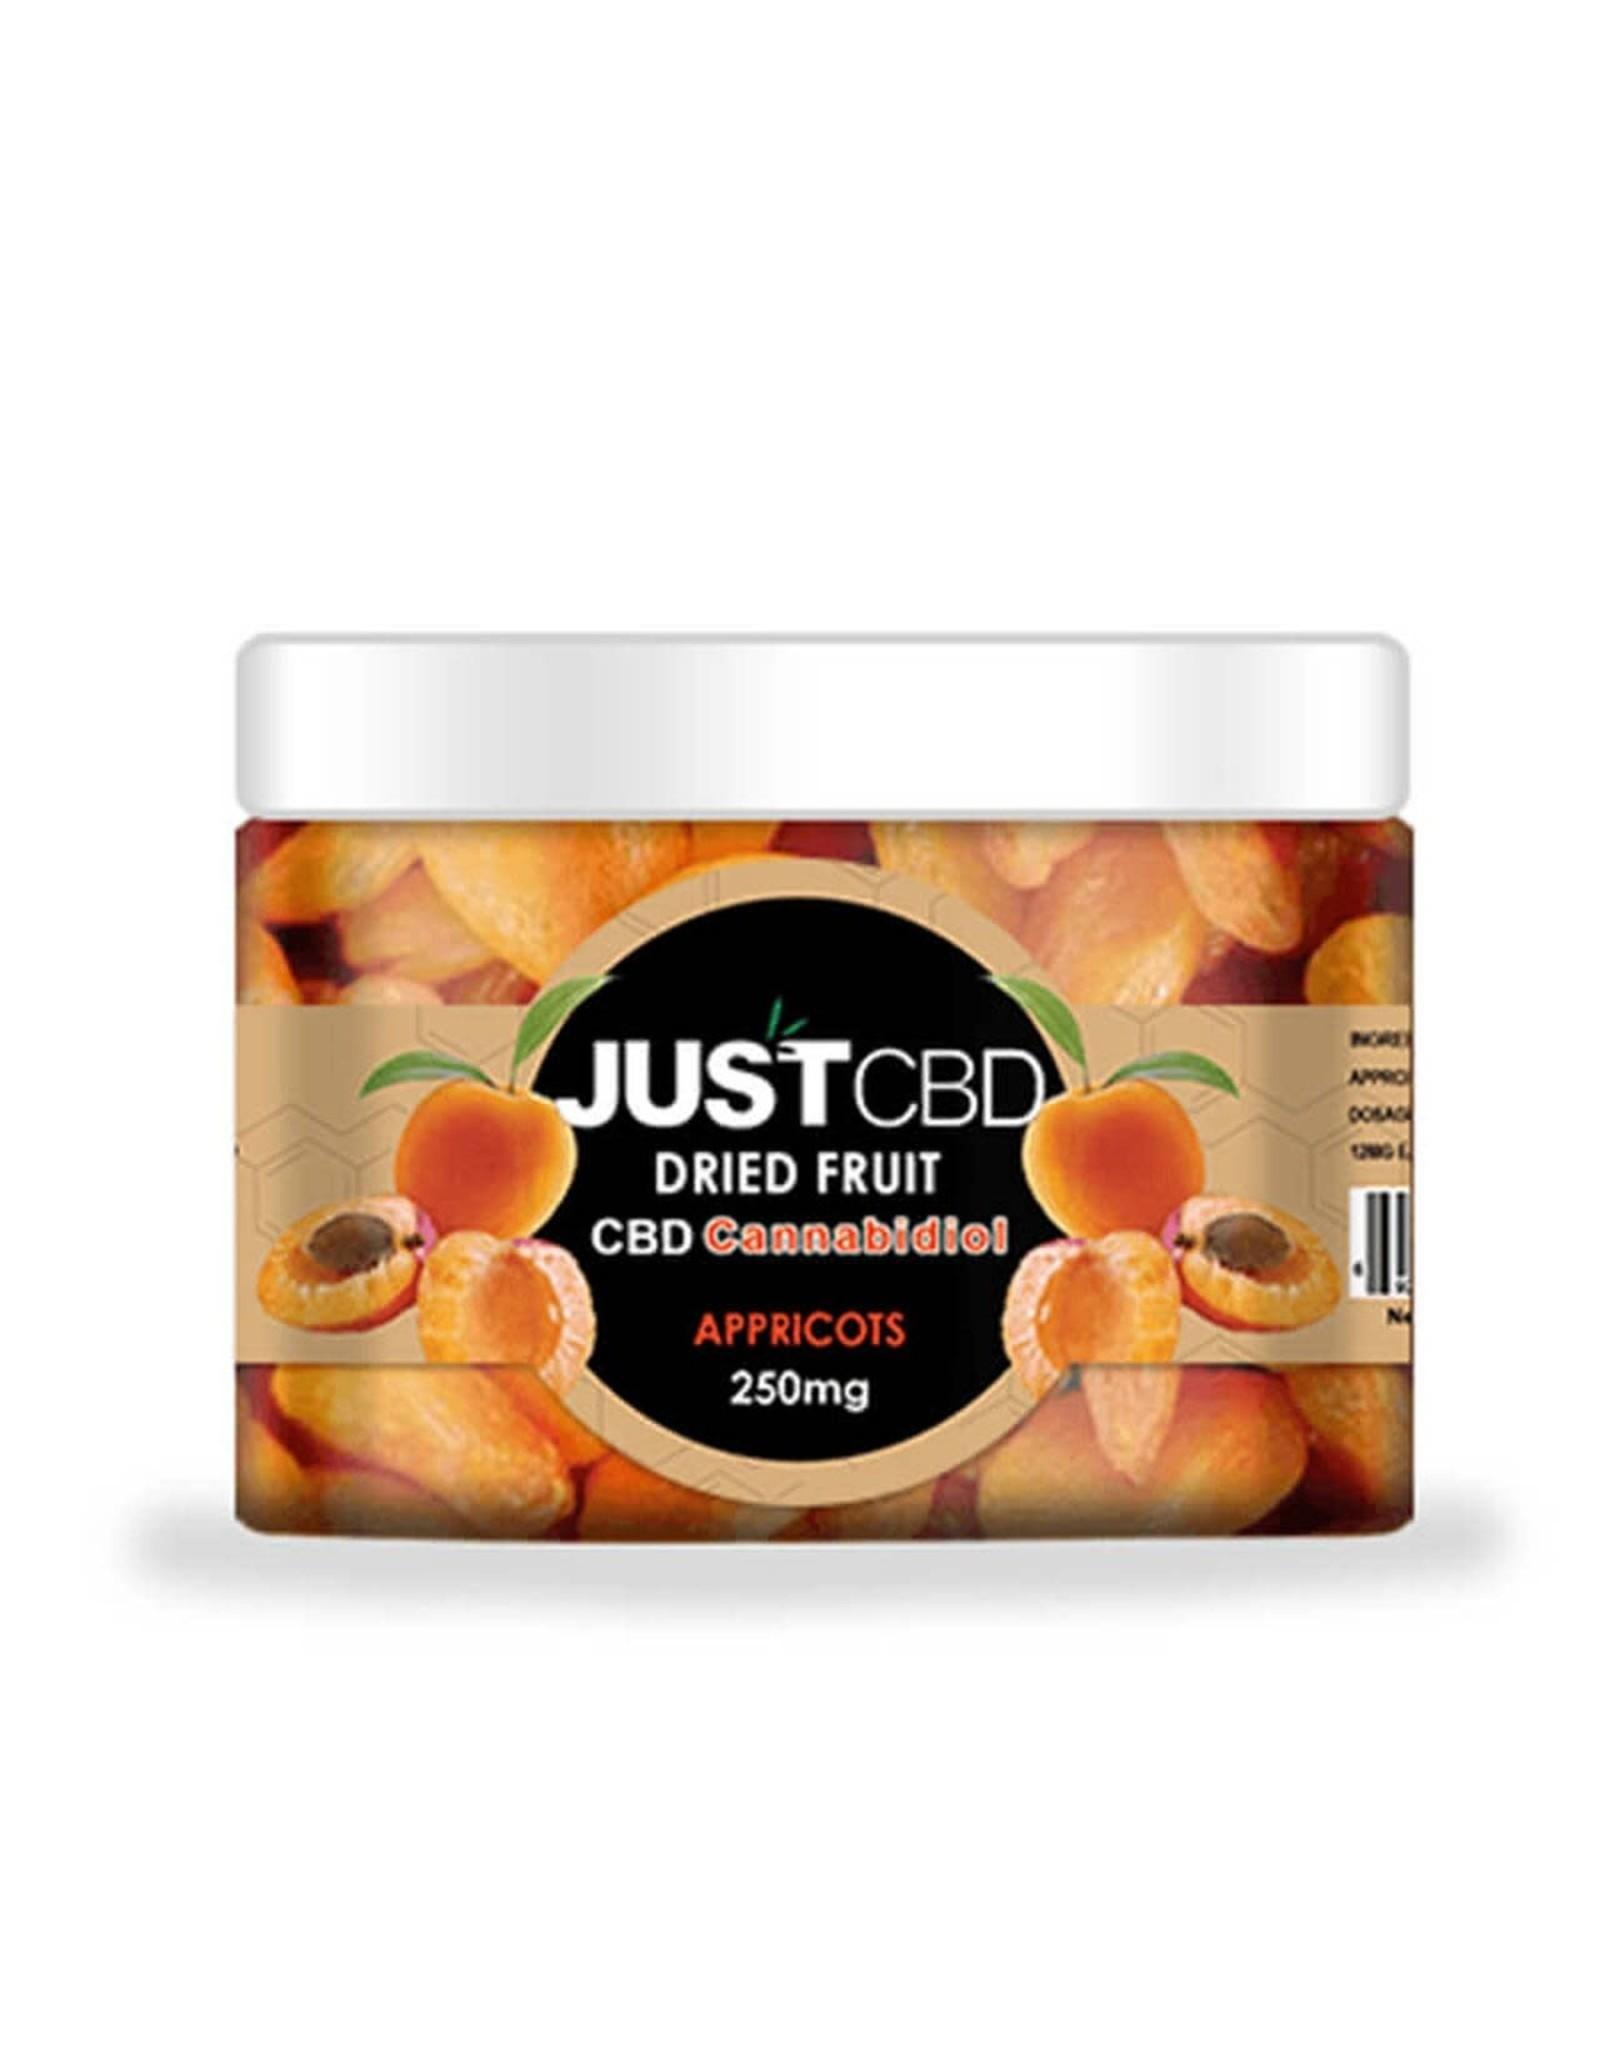 Just CBD Just CBD Dried Apricots 250mg 130gr